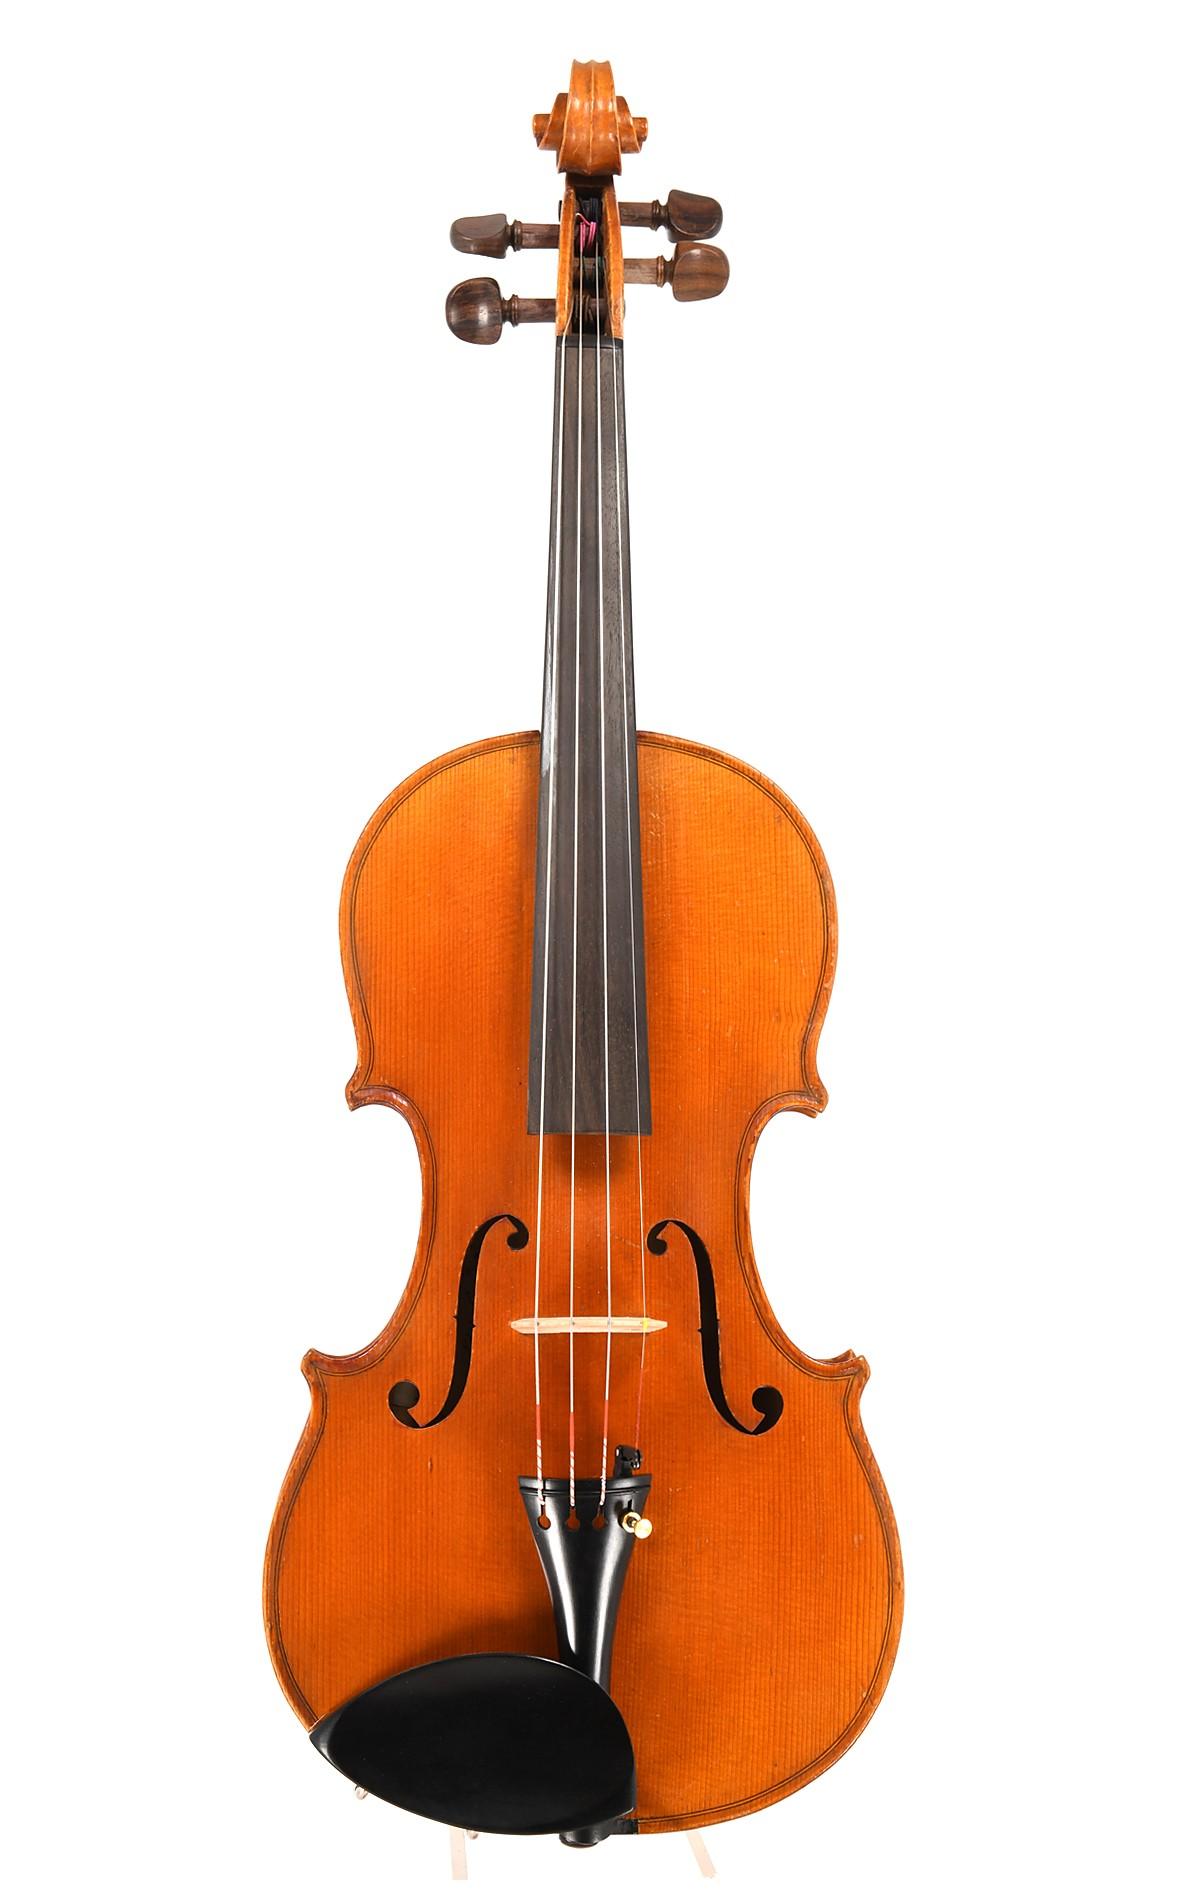 Antike Geige von Georg Nebel, Mittenwald, gebaut 1909